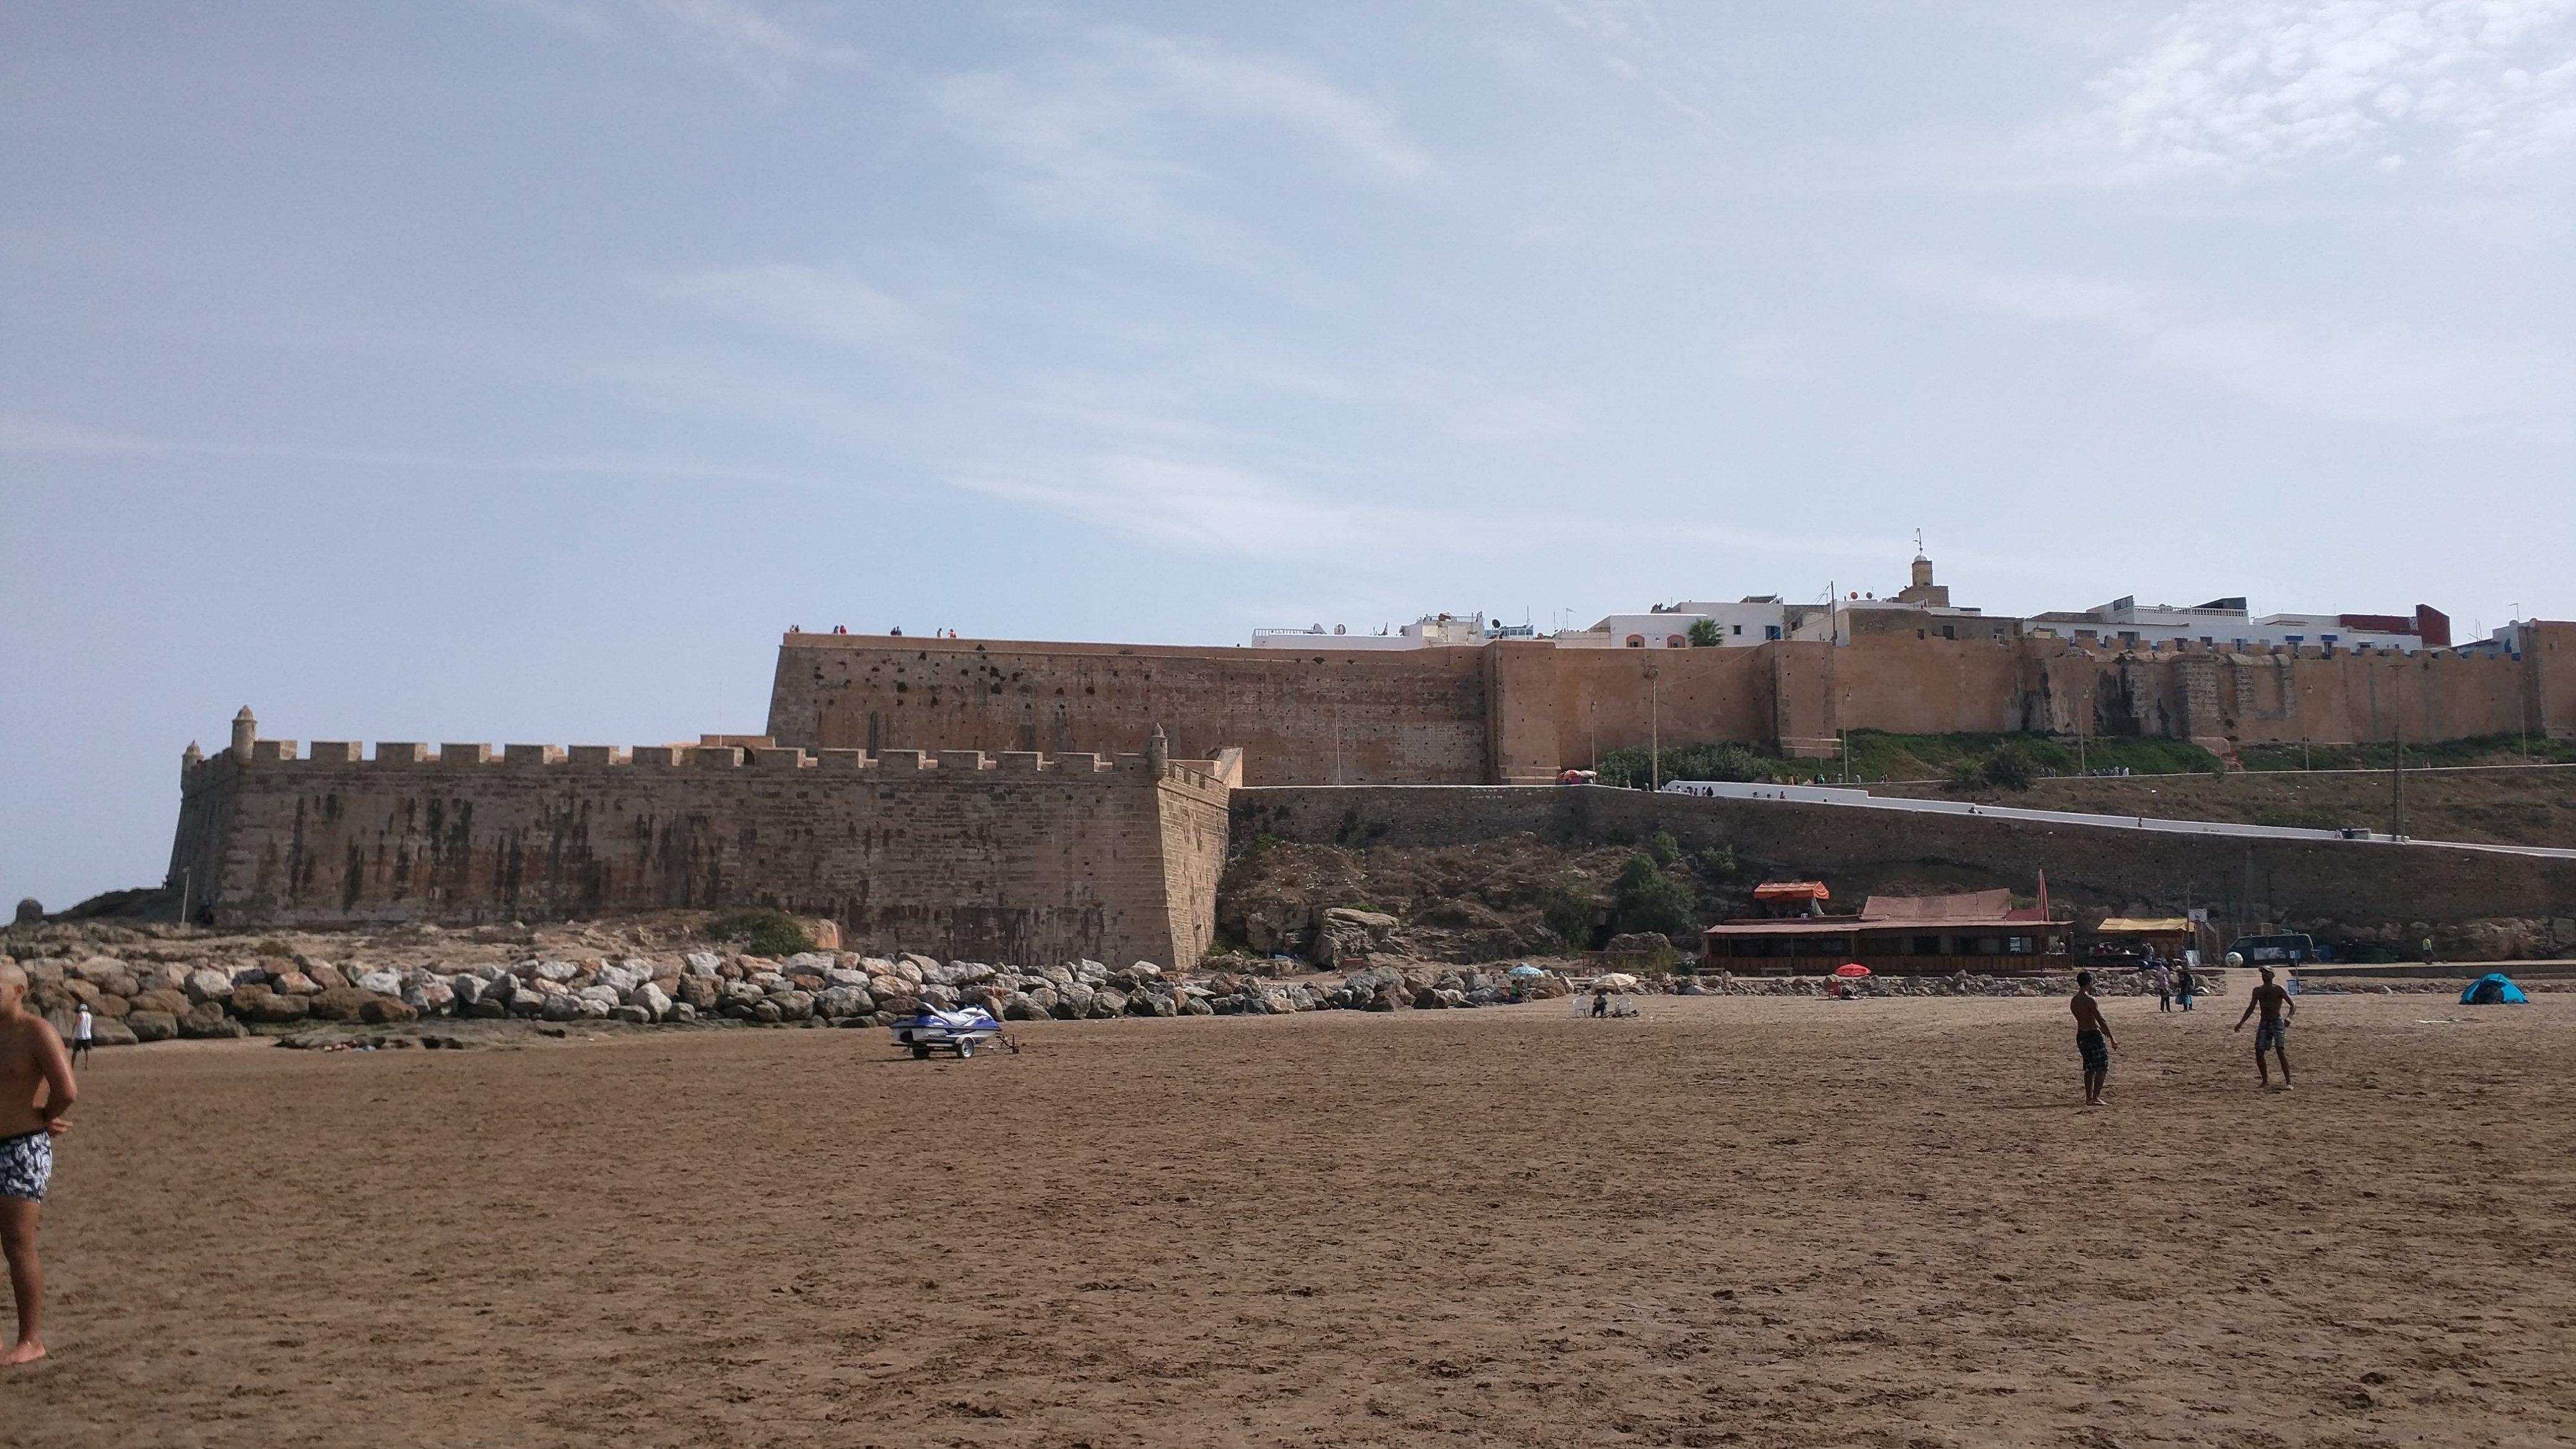 View of Kasbah from Plage de Rabat (Rabat beach)